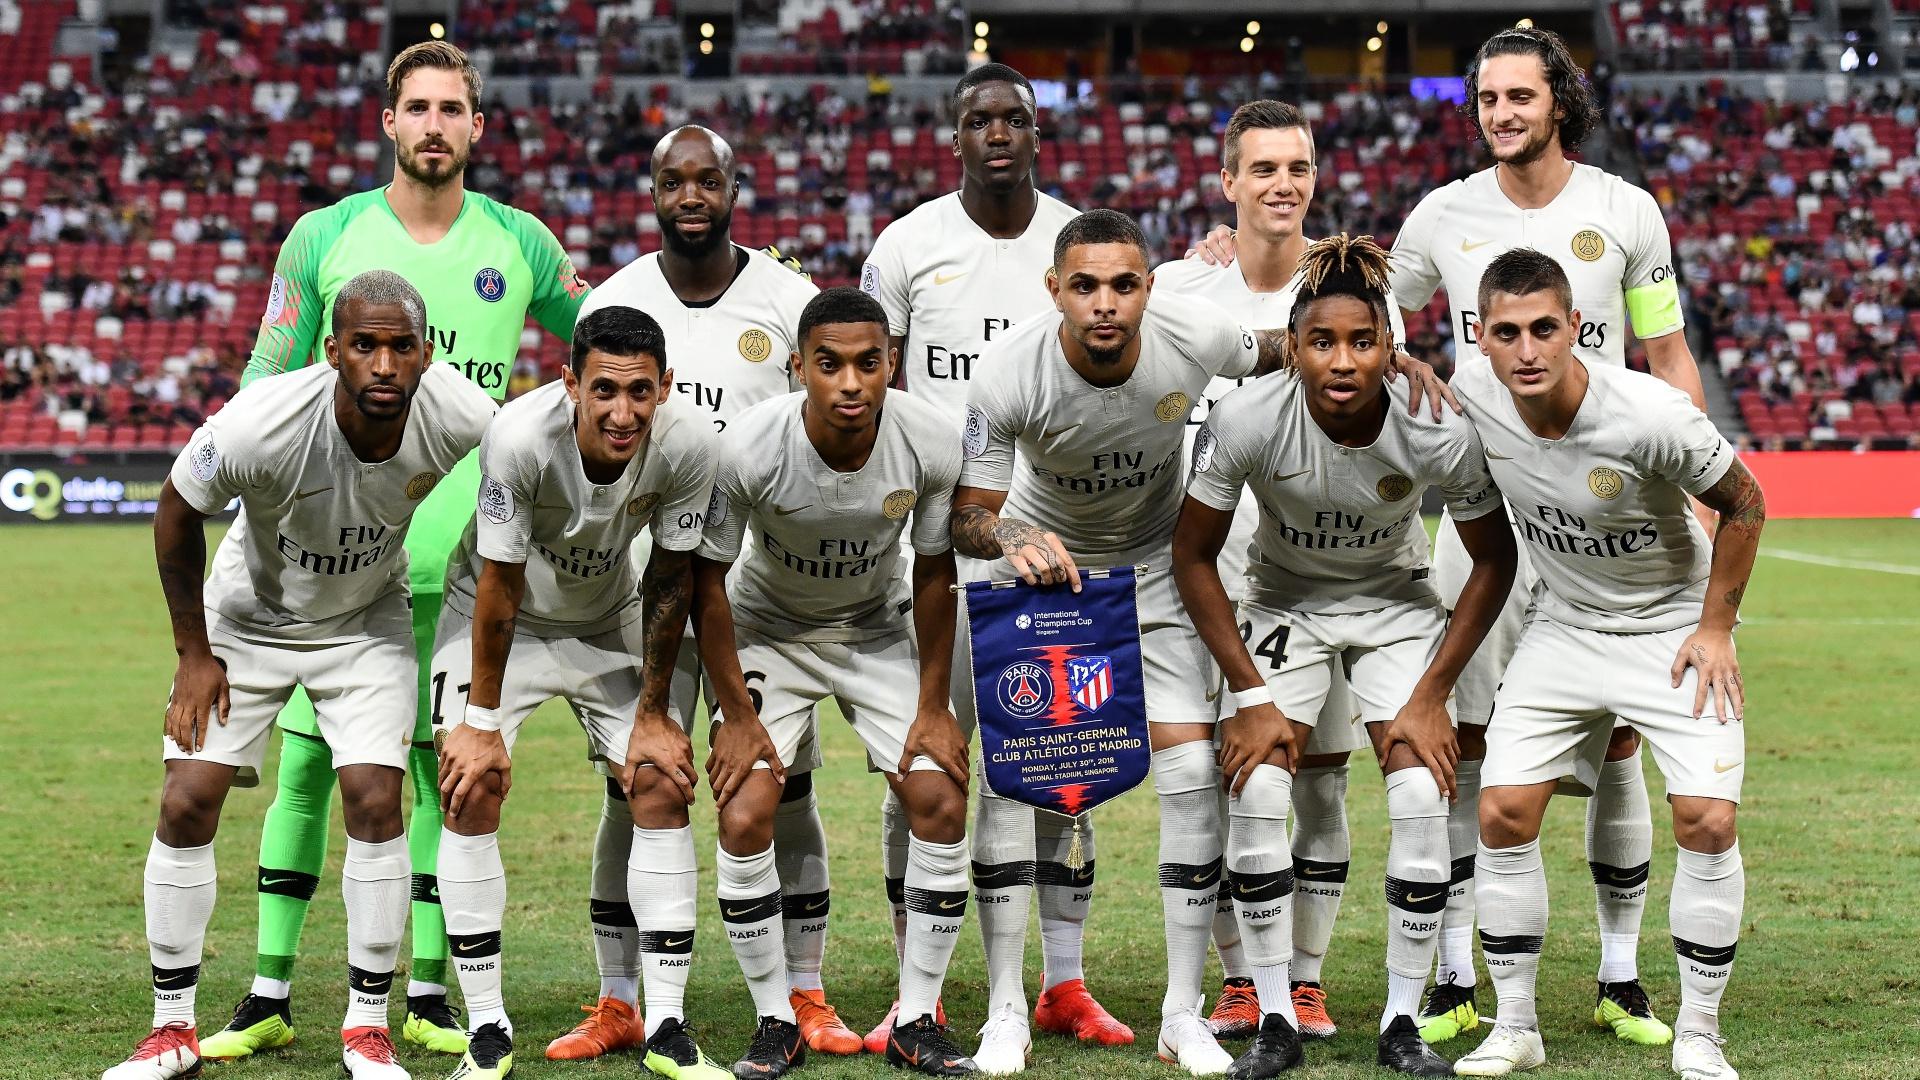 PSG ICC 2018-07-30